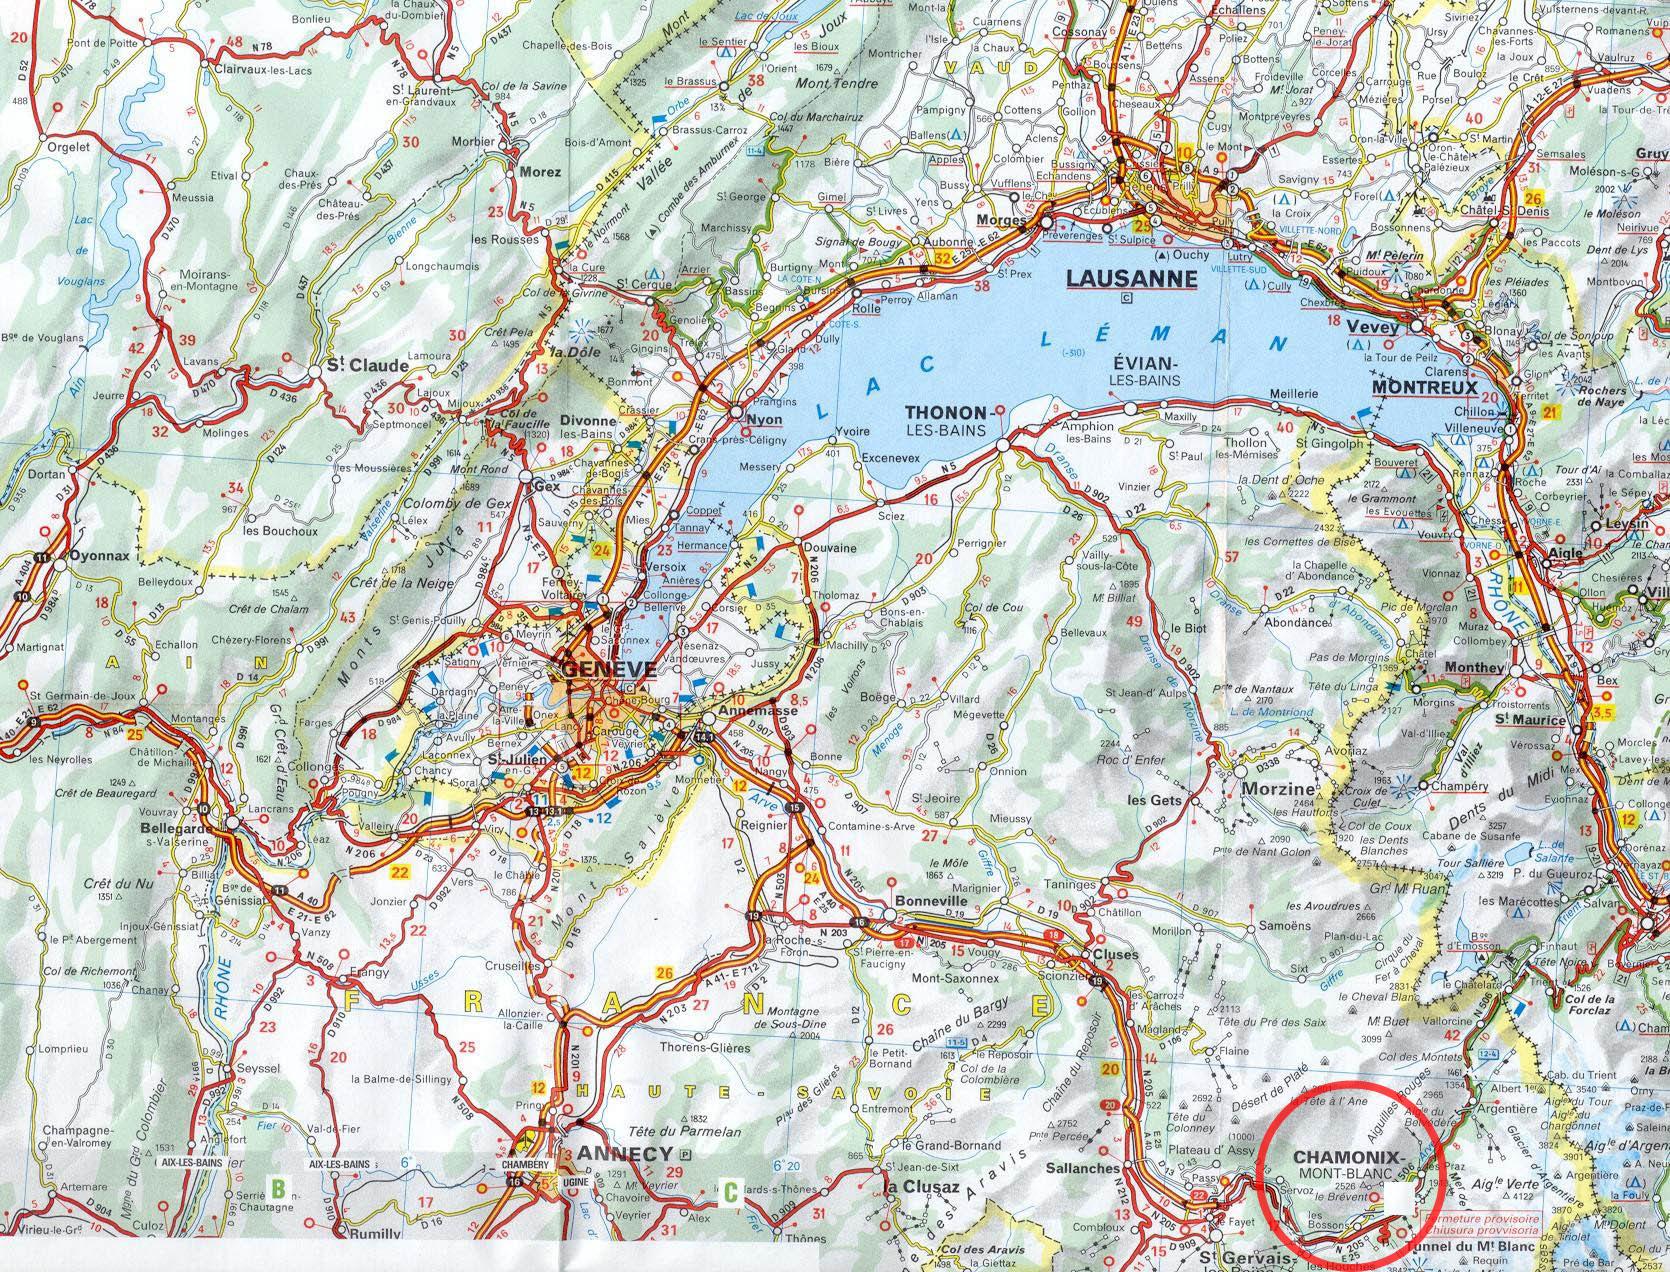 Chamonix Location Map Chamonix France mappery